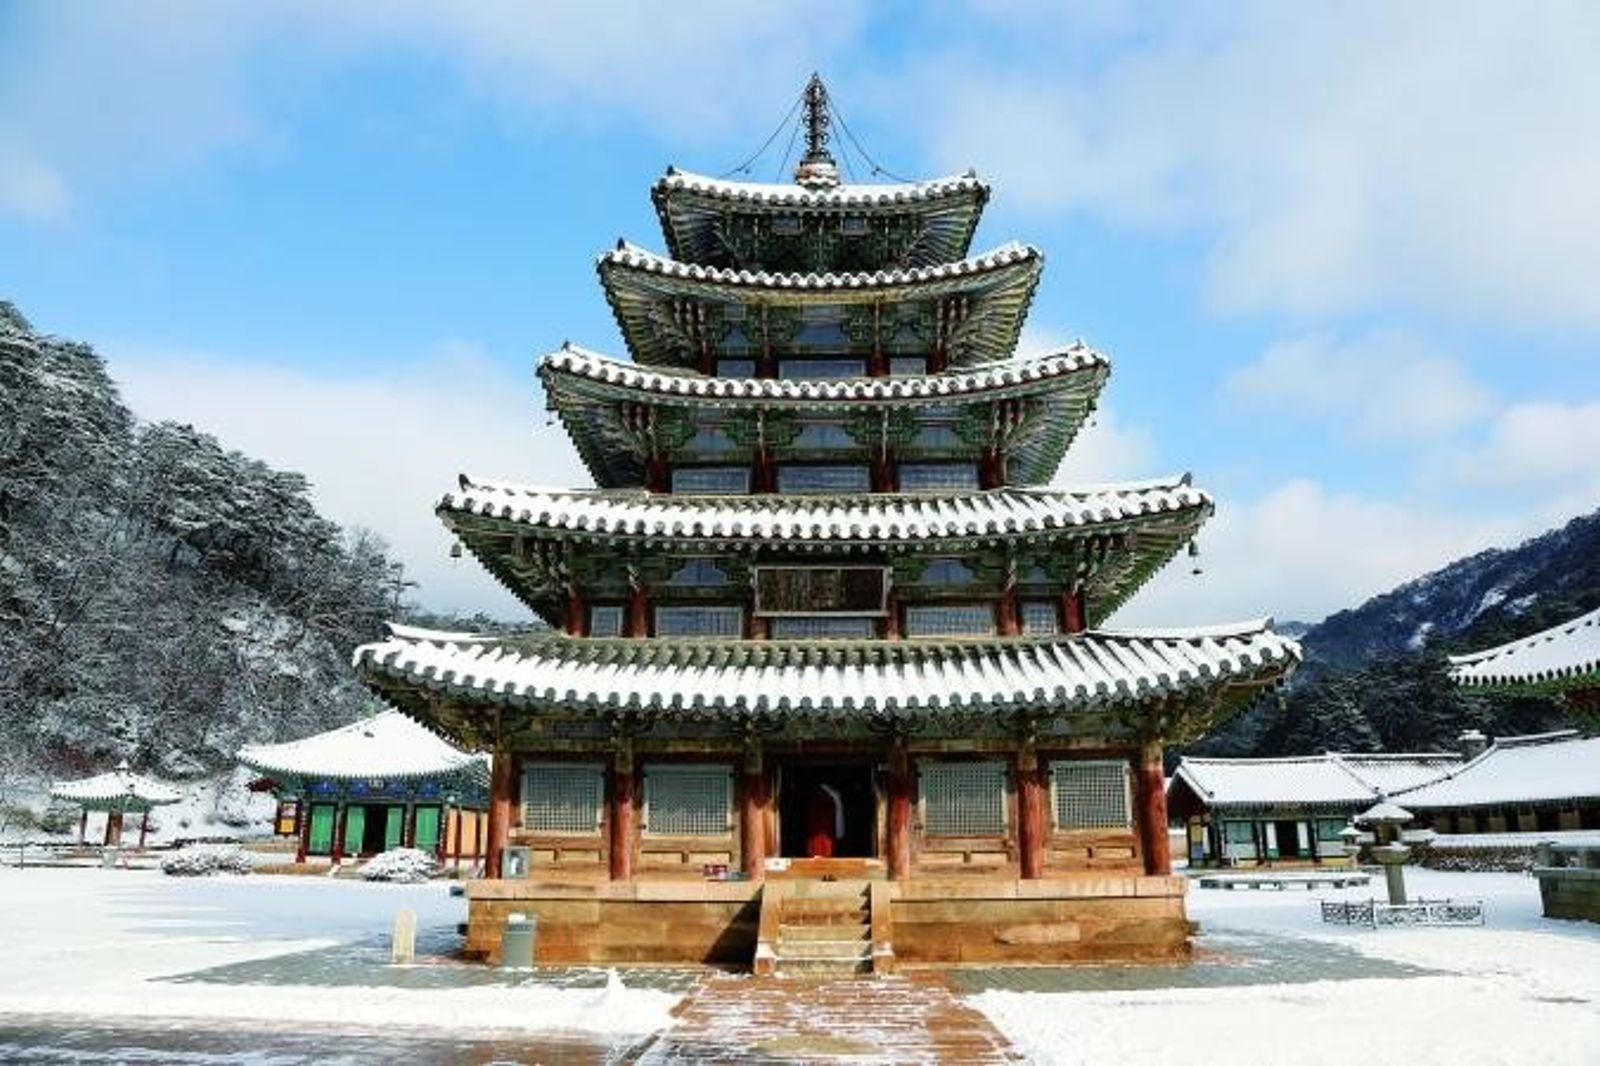 Descubra os Novos Lugares Património Mundial da Humanidade da UNESCO